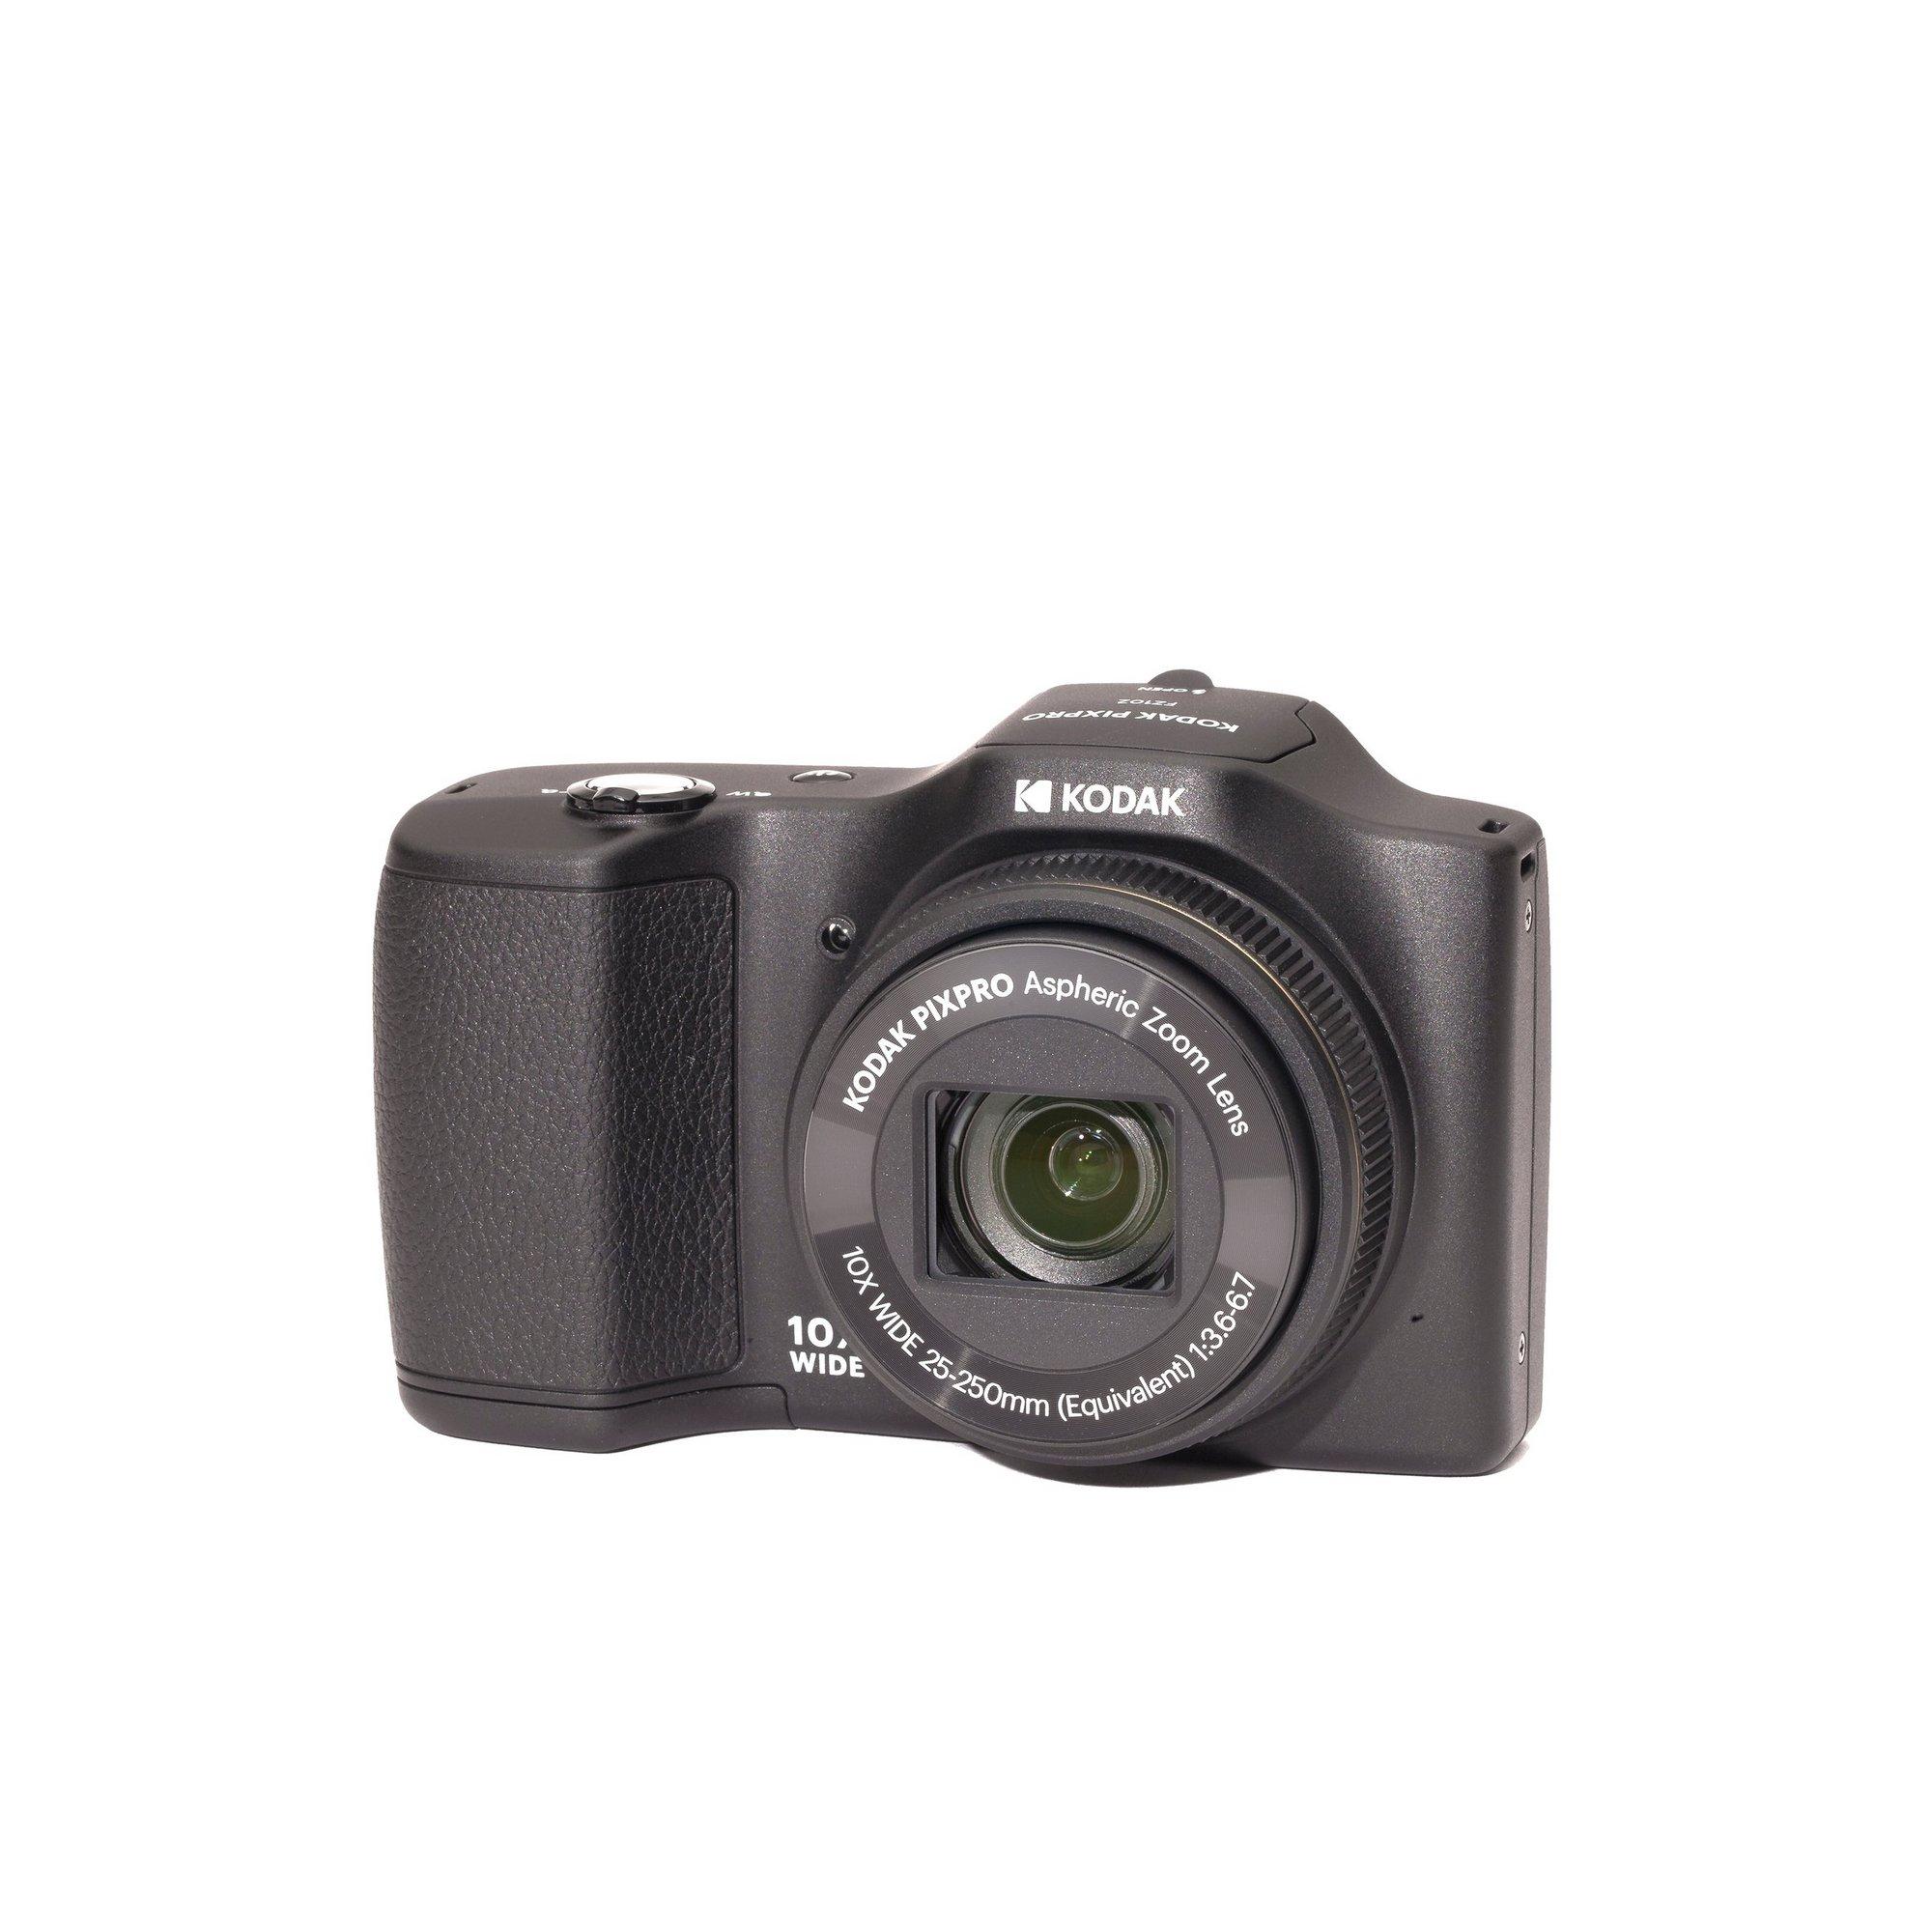 Image of Kodak PIXPRO FZ102 Bridge Camera